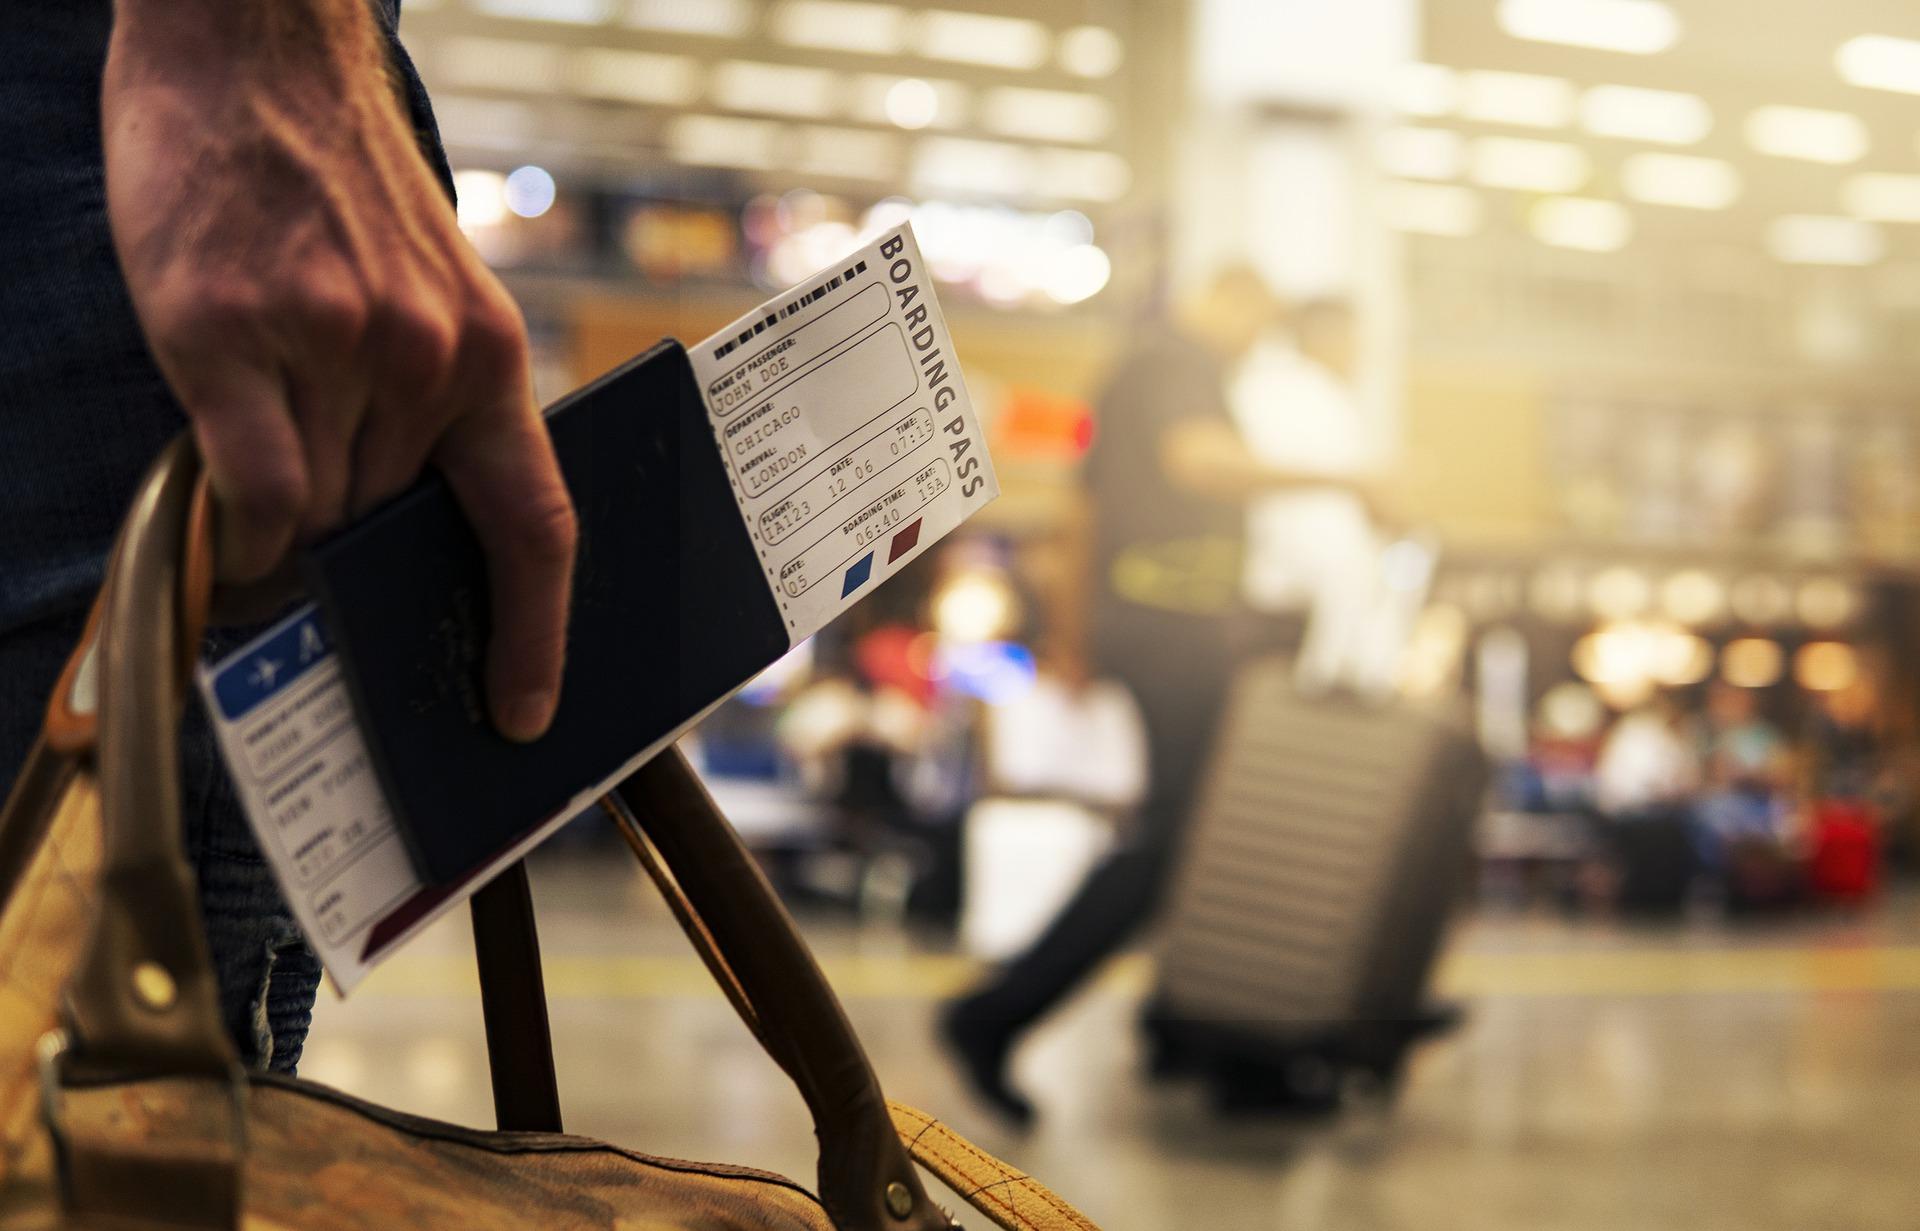 Cestovní náhrady v roce 2021